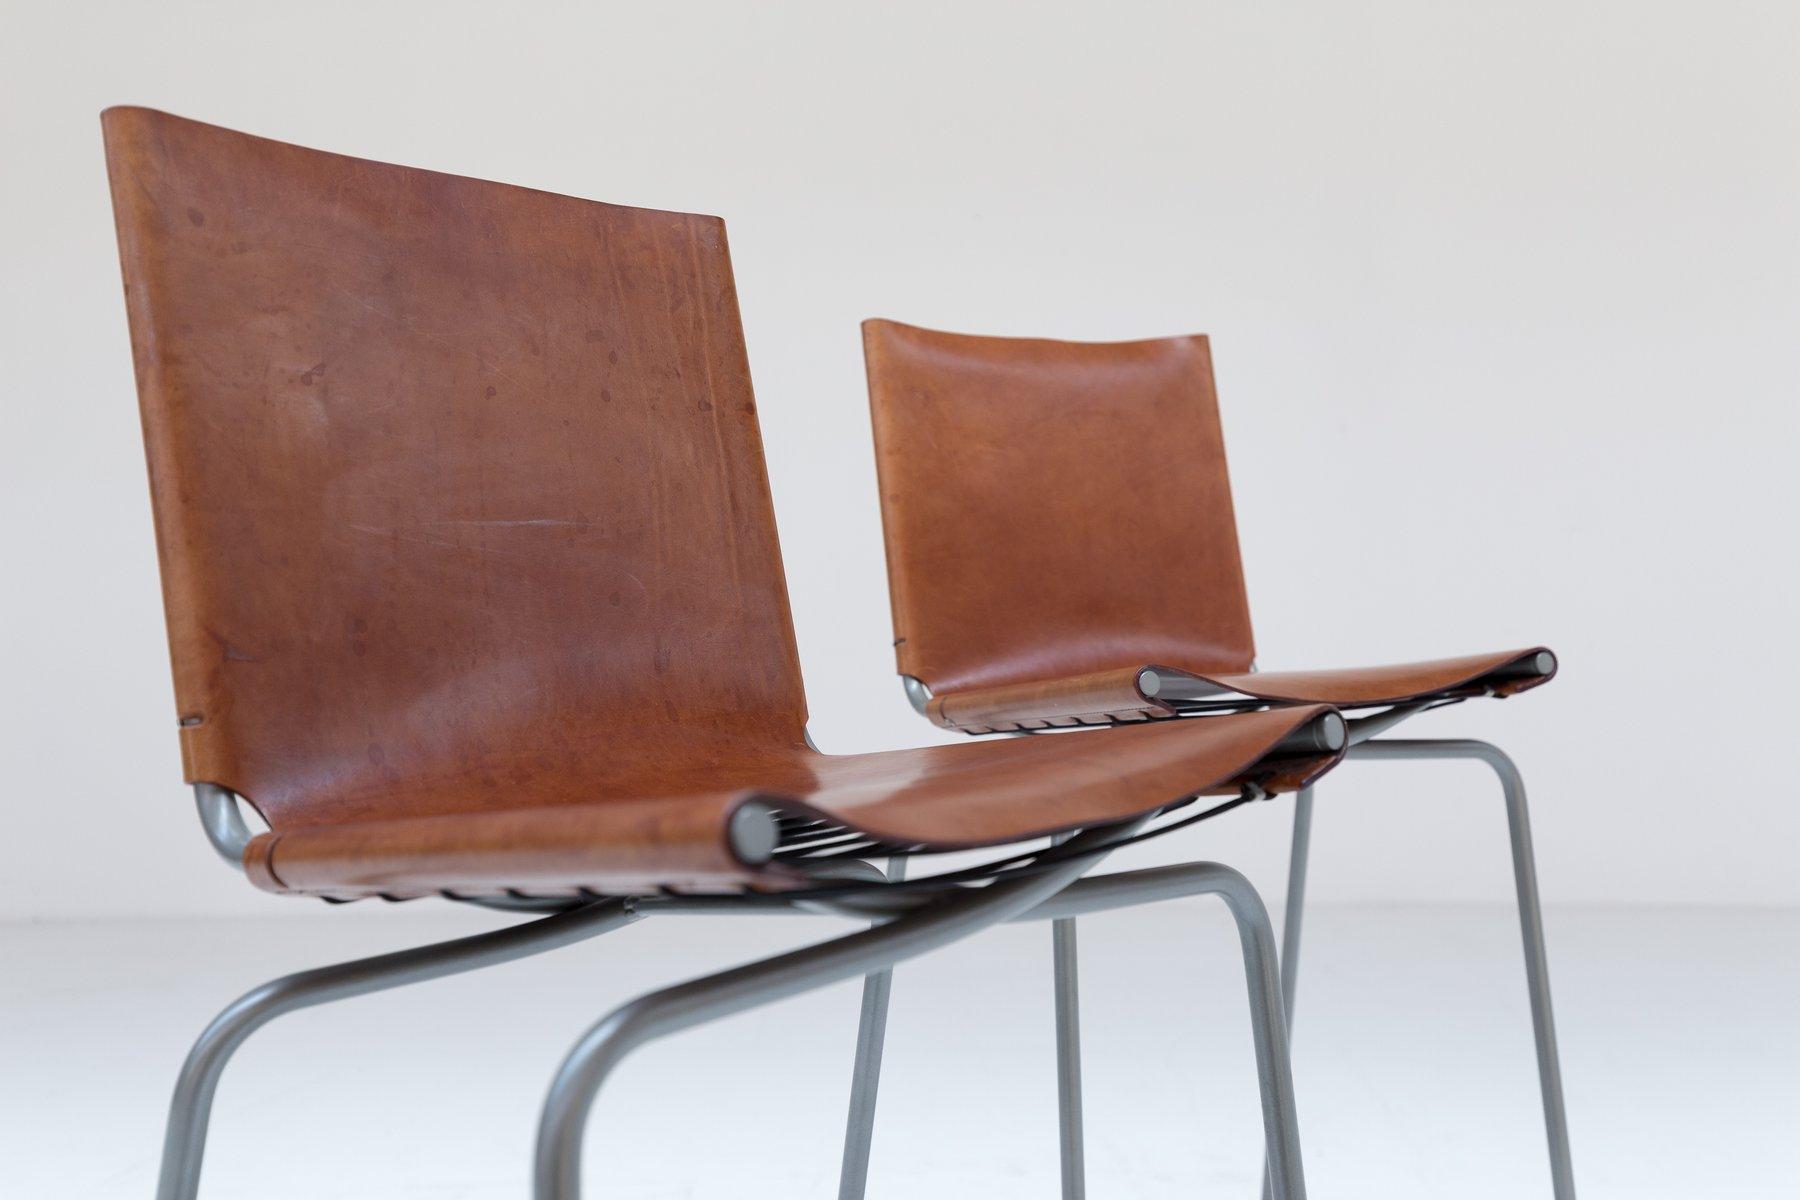 Sgabello Vintage Con Schienale : Sgabelli da bar vintage con schienale alto di fabiaan van severen